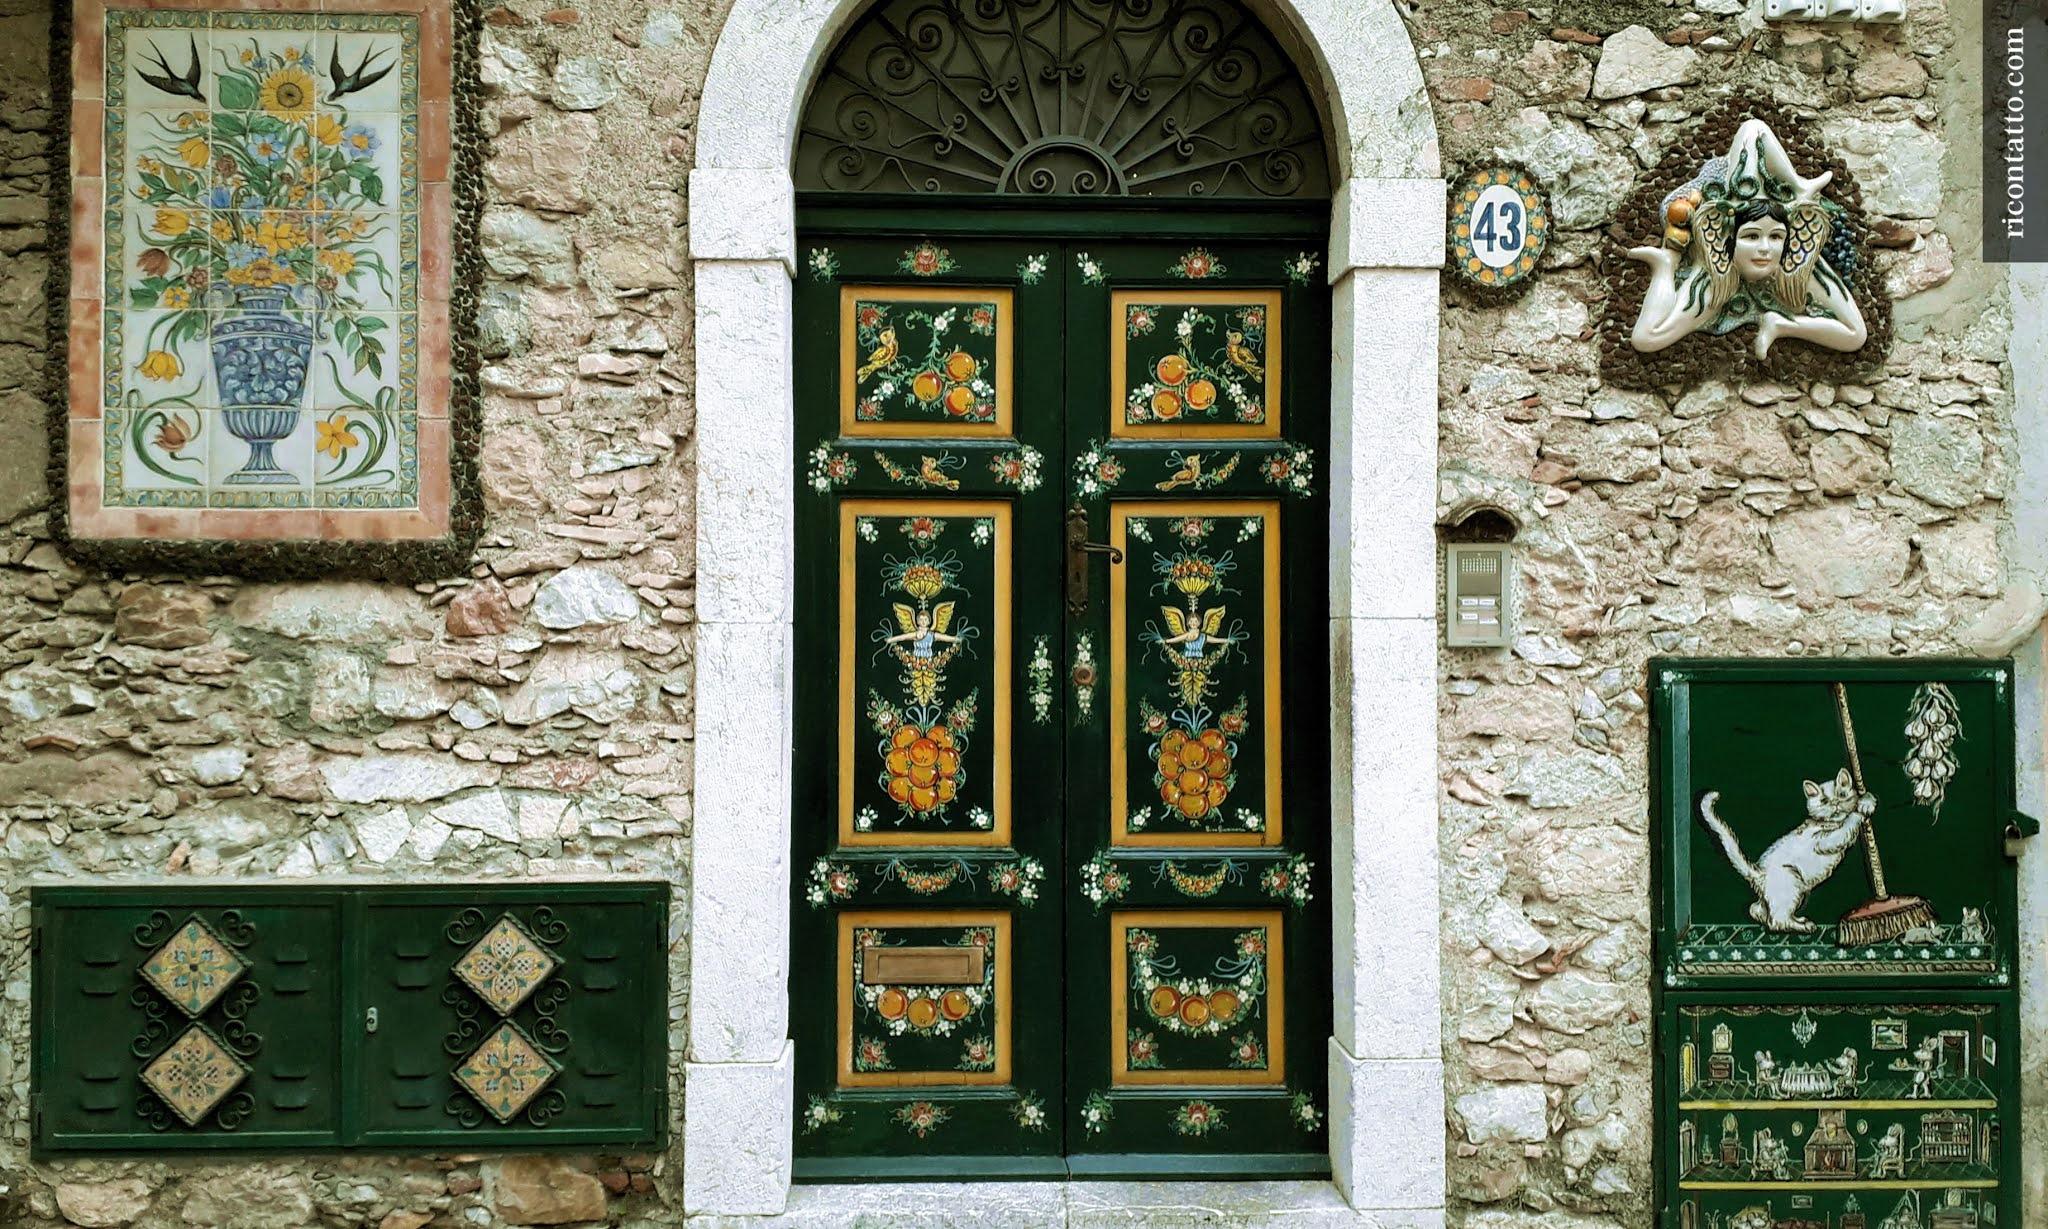 Taormina, Sicilia, Italy - Photo #06 by Ricontatto.com